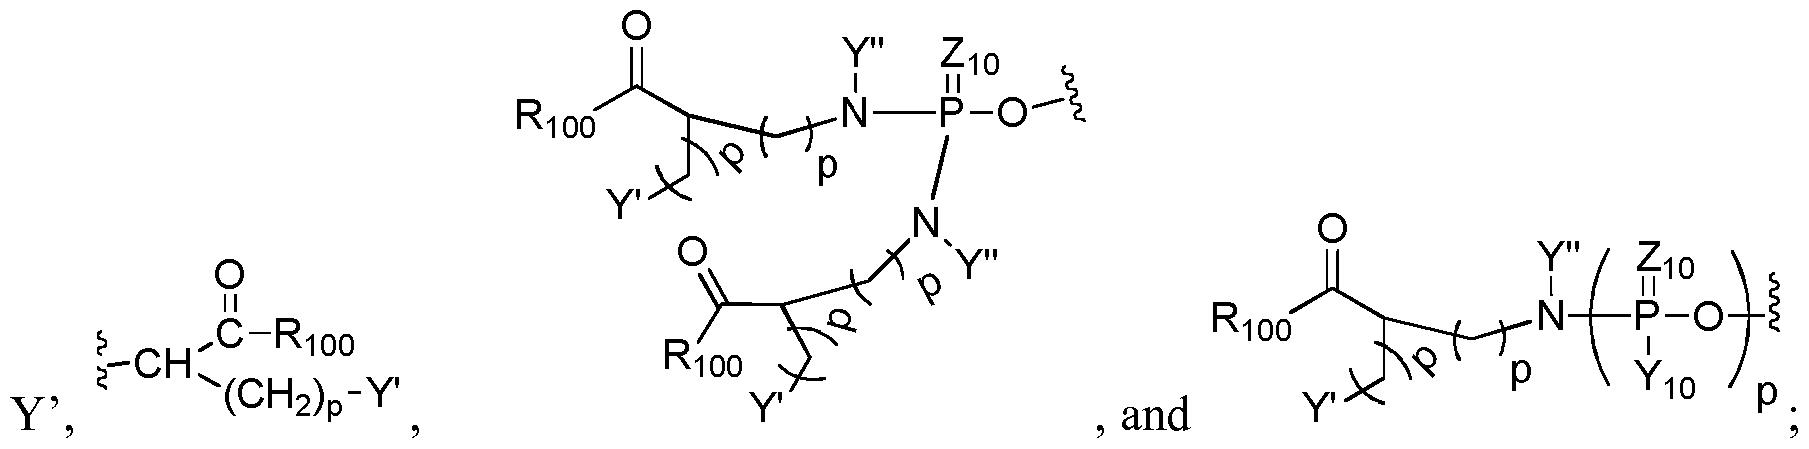 Figure imgf000161_0004